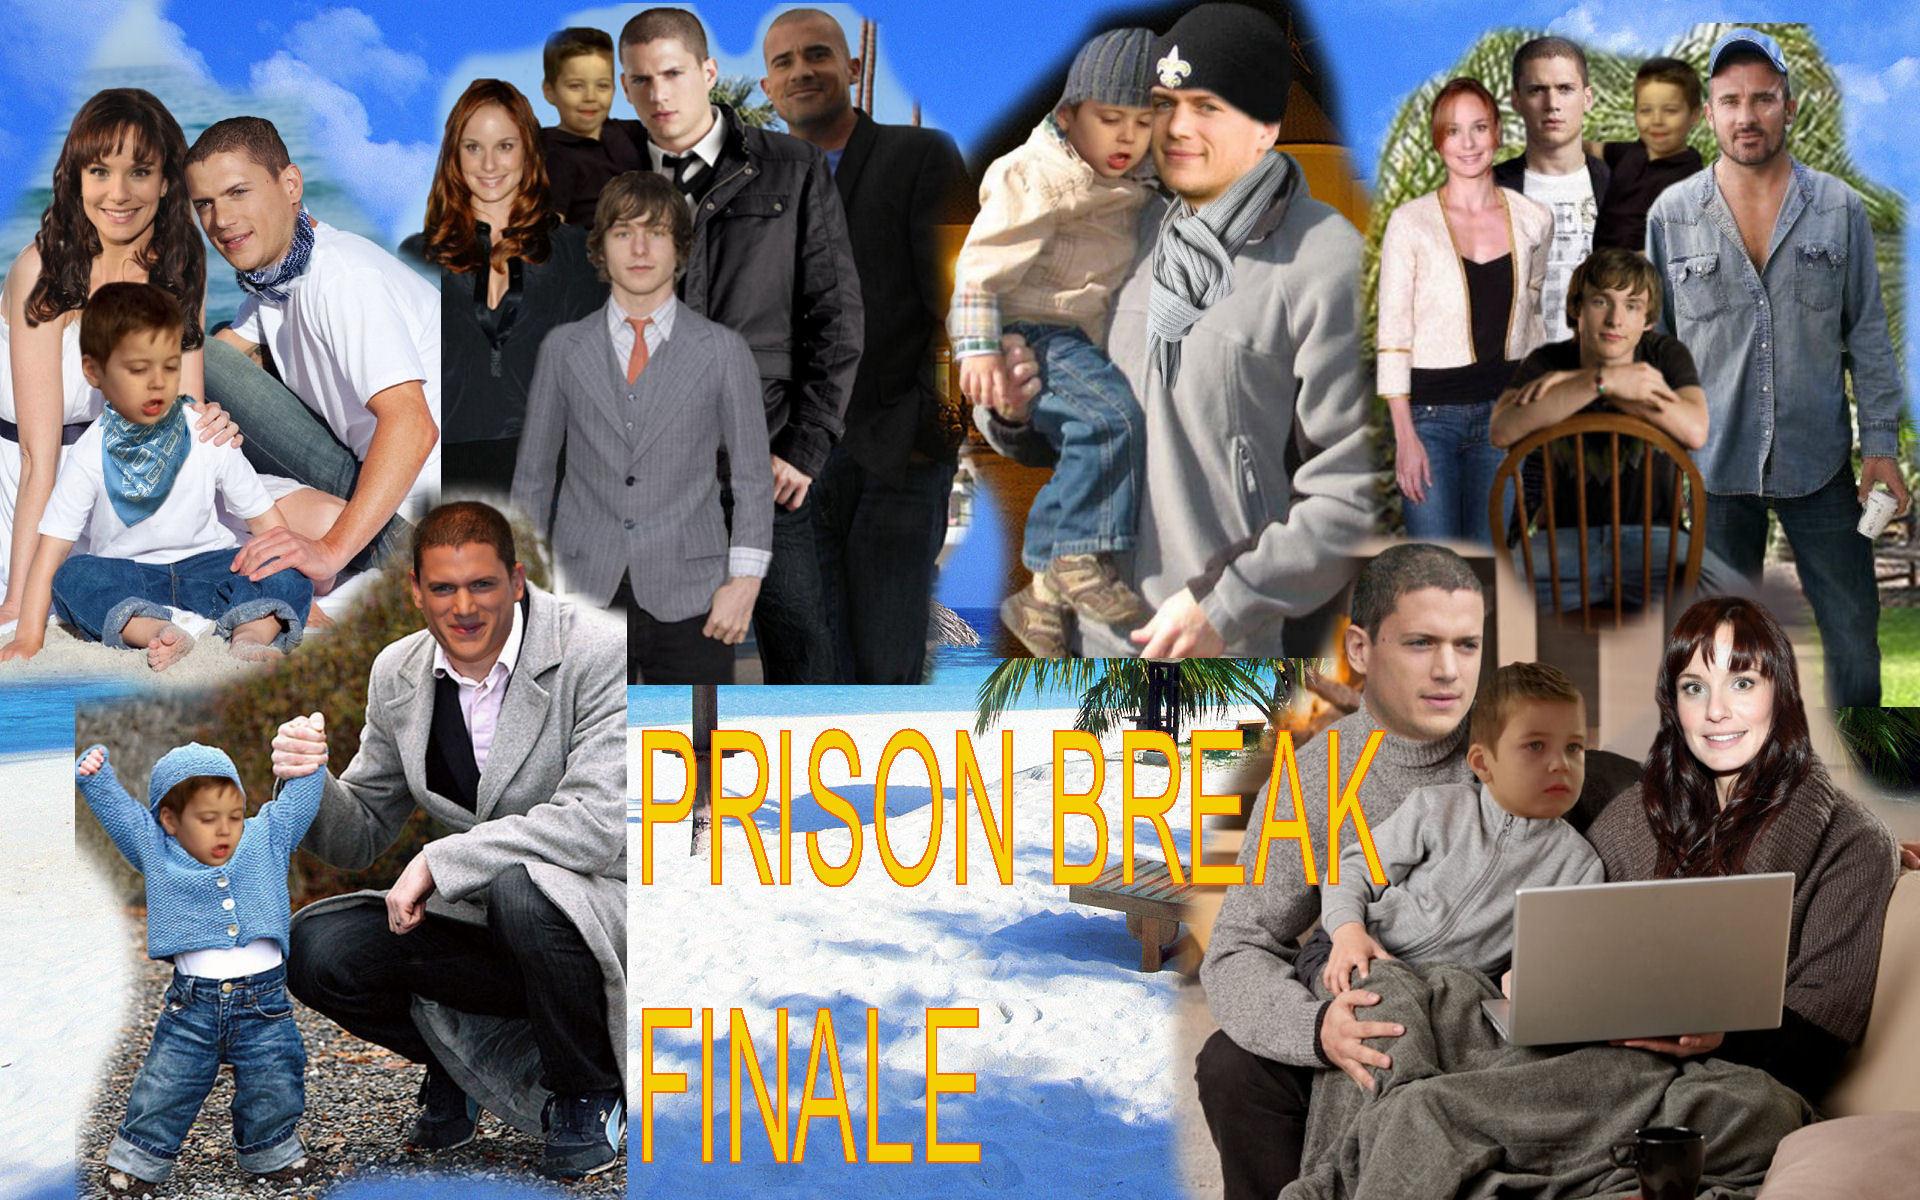 marshall allman prison break season 5